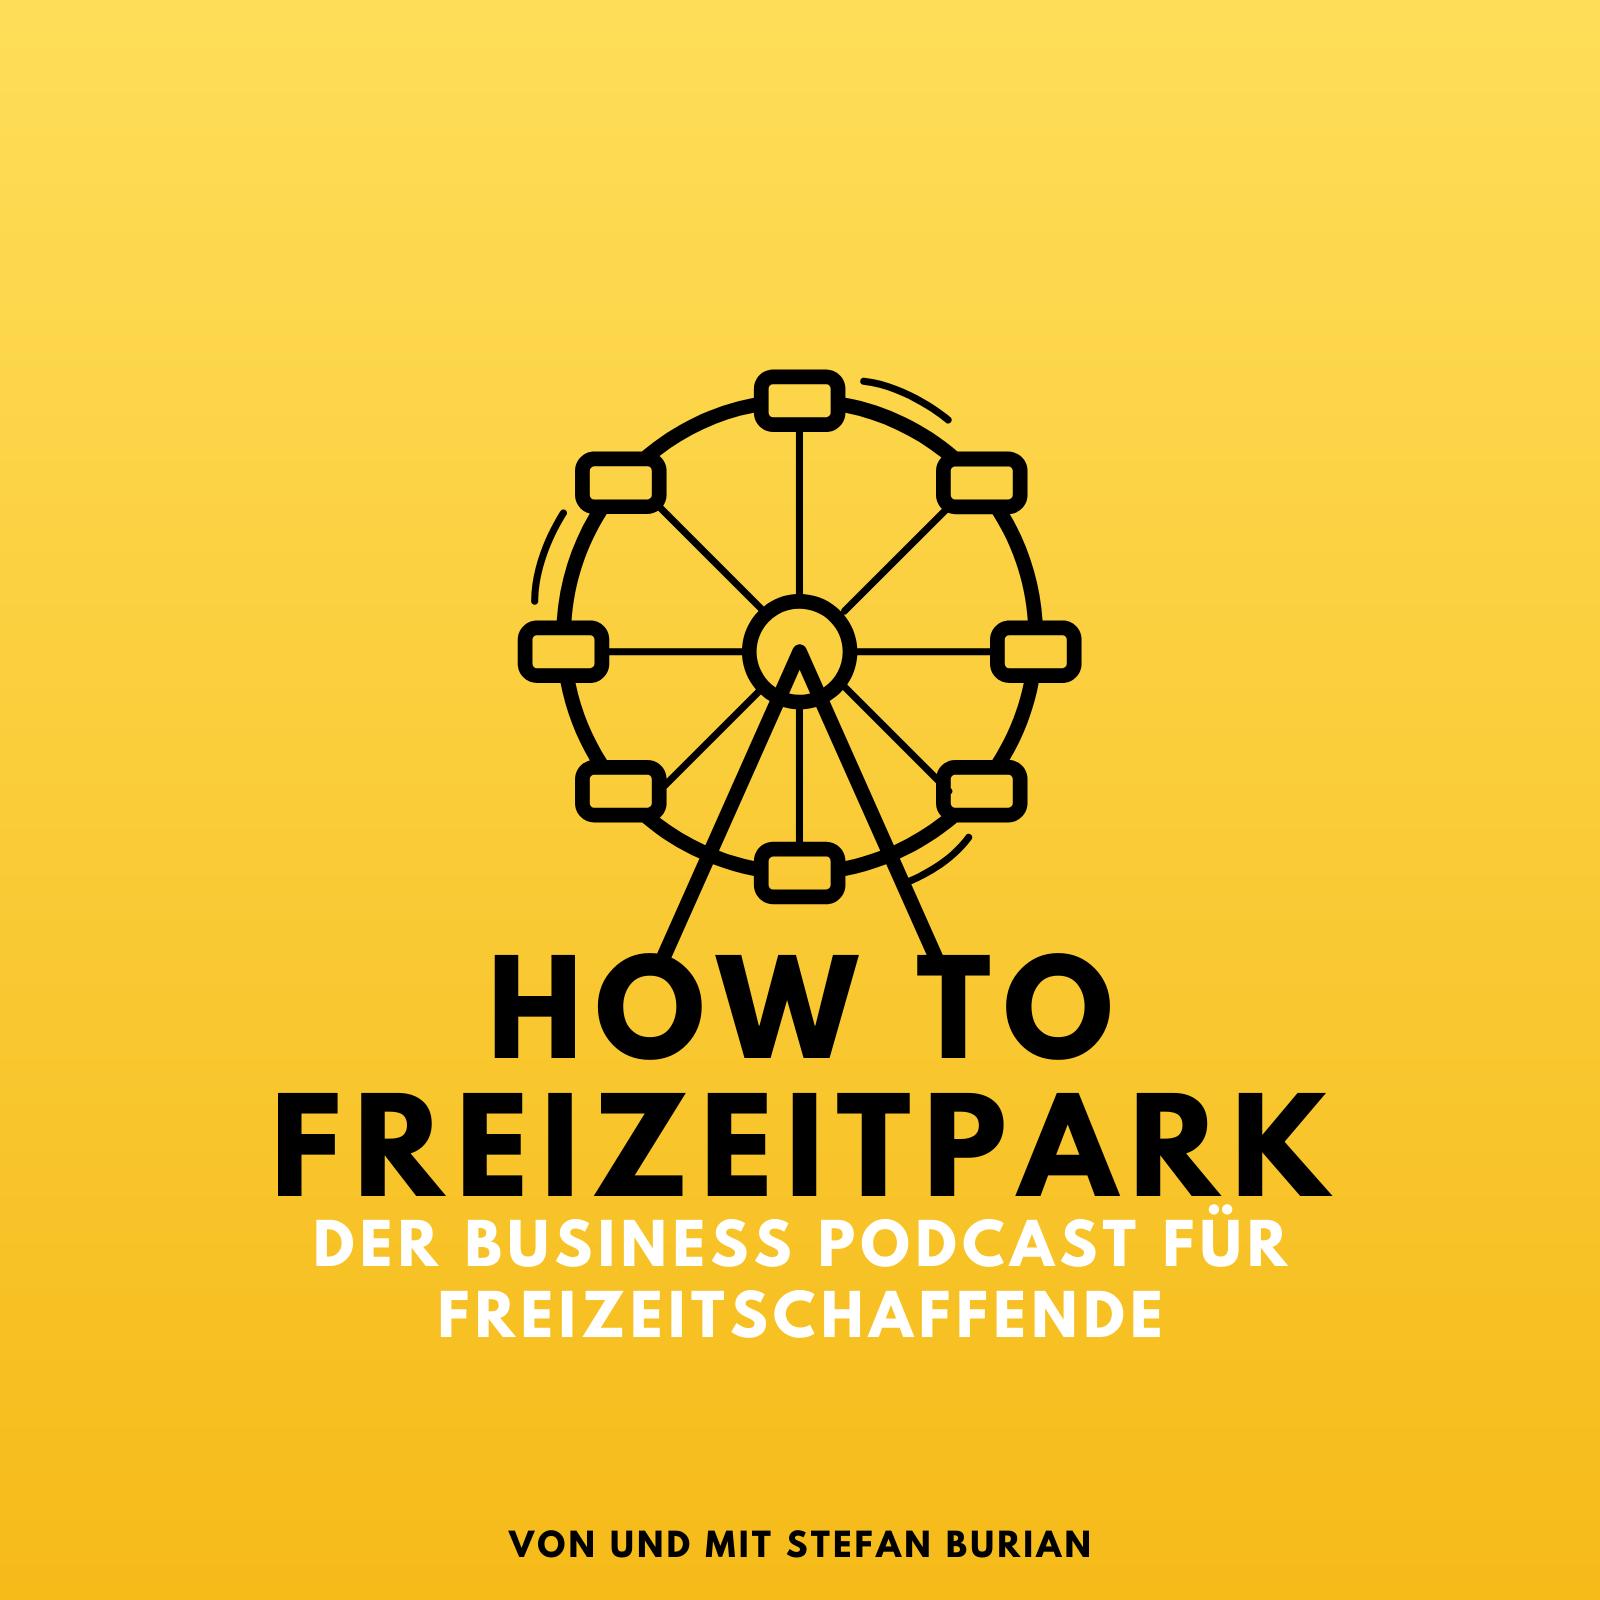 How to Freizeitpark show art